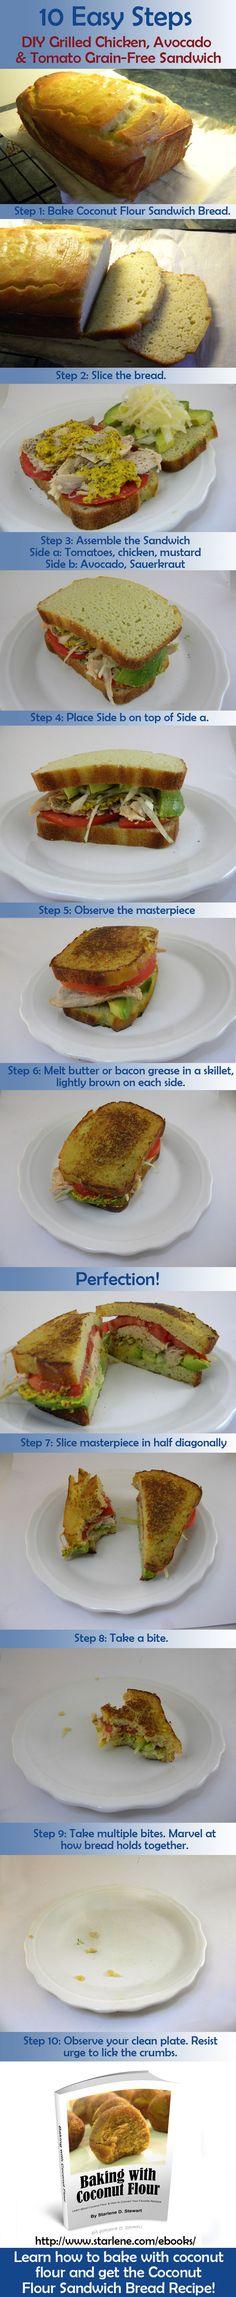 Make A Delicious Bacon, Lettuce and Tomato Sandwich on Grain-Free Coconut Flour Sandwich Bread.